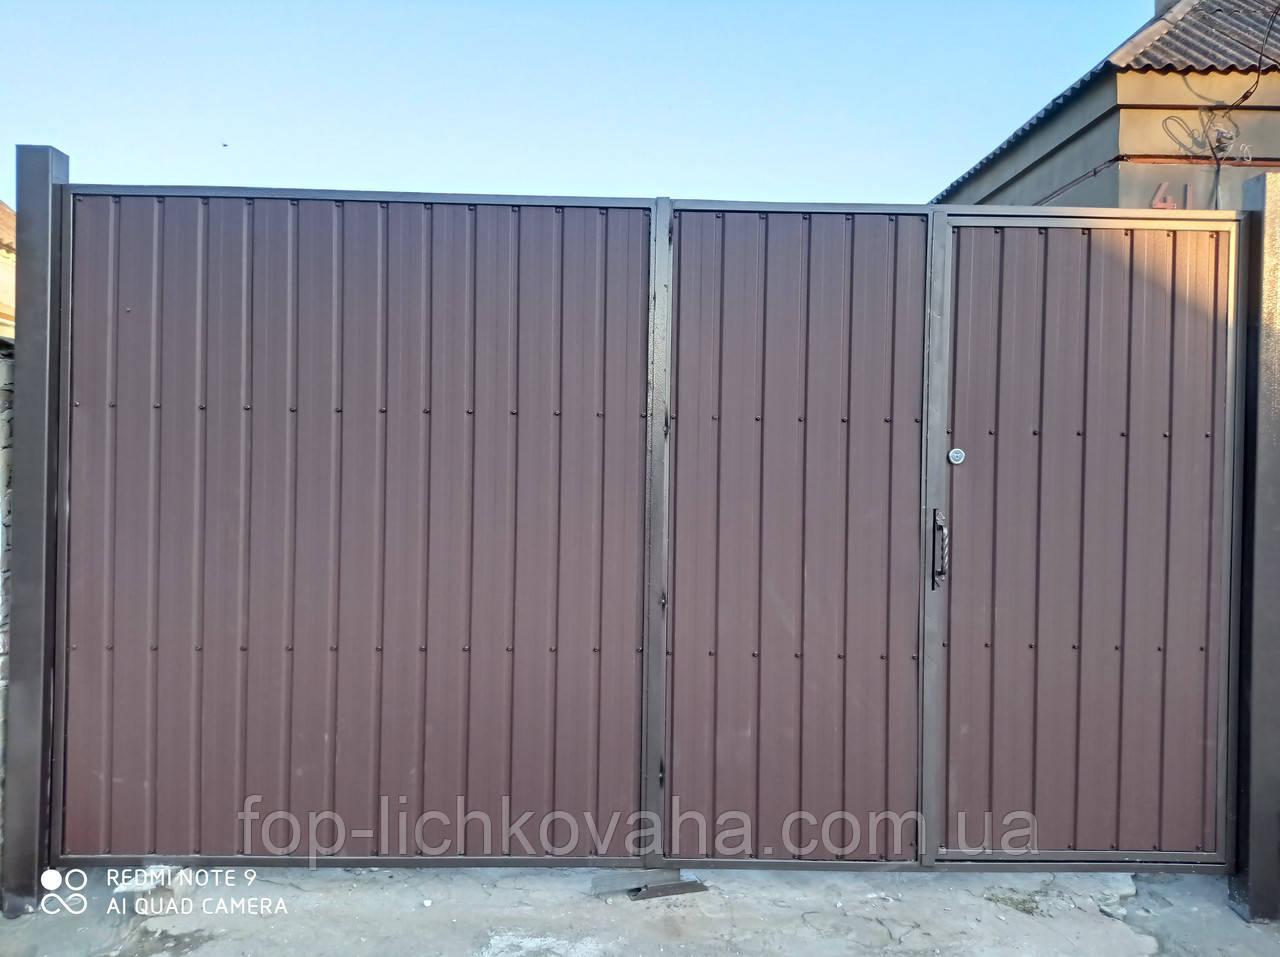 Ворота распашные с двухсторонним профлистом